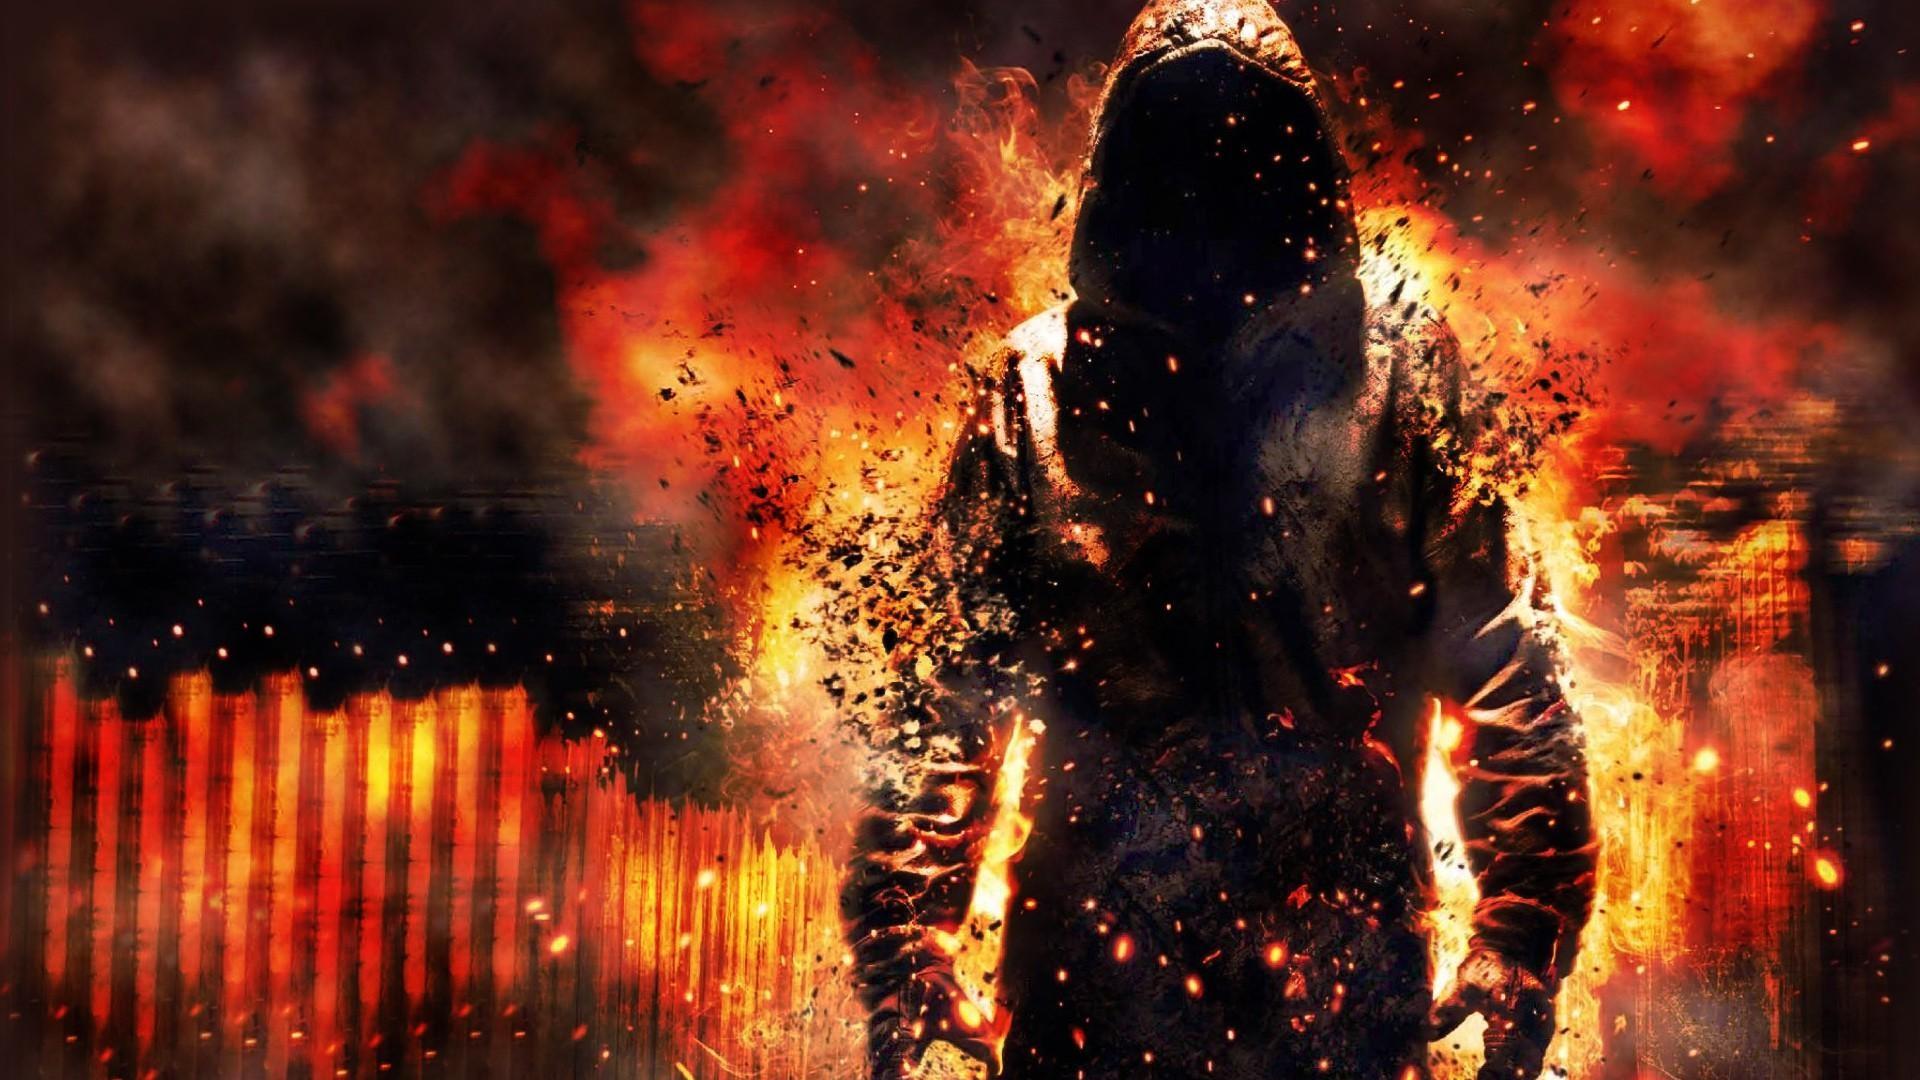 Download Burning man wallpaper 1361079 [1920x1080] 45 Burning 1920x1080